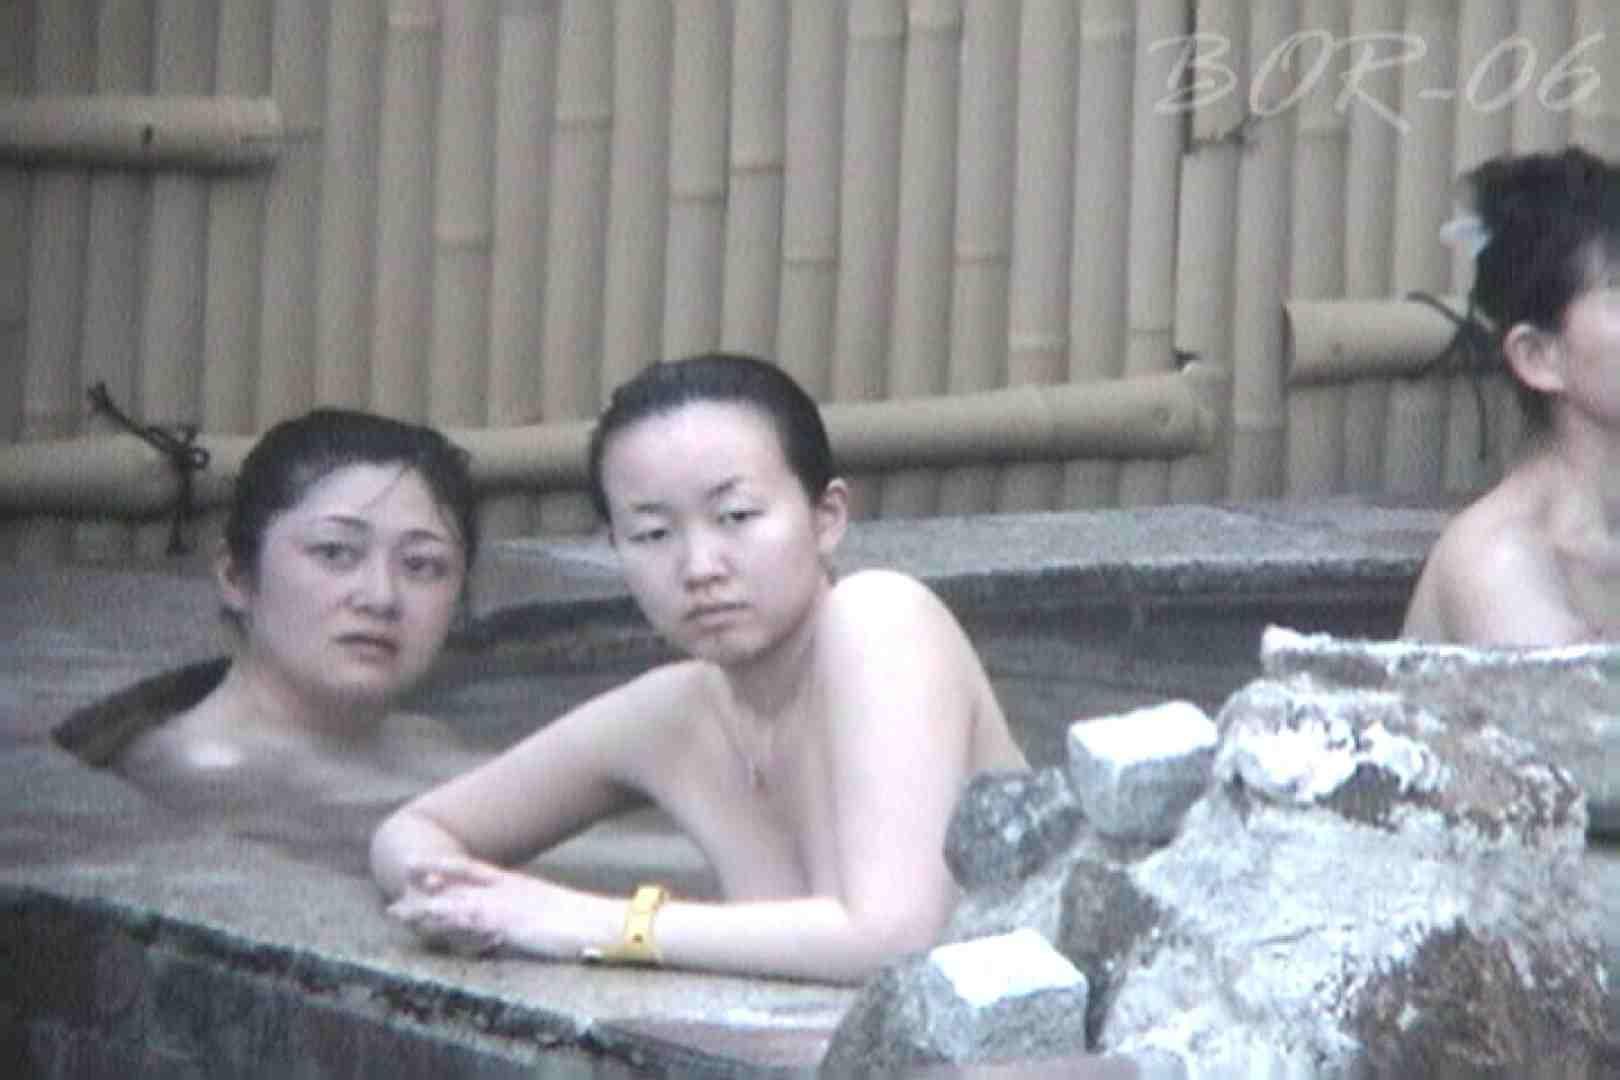 Aquaな露天風呂Vol.519 盗撮師作品 | 美しいOLの裸体  102pic 4